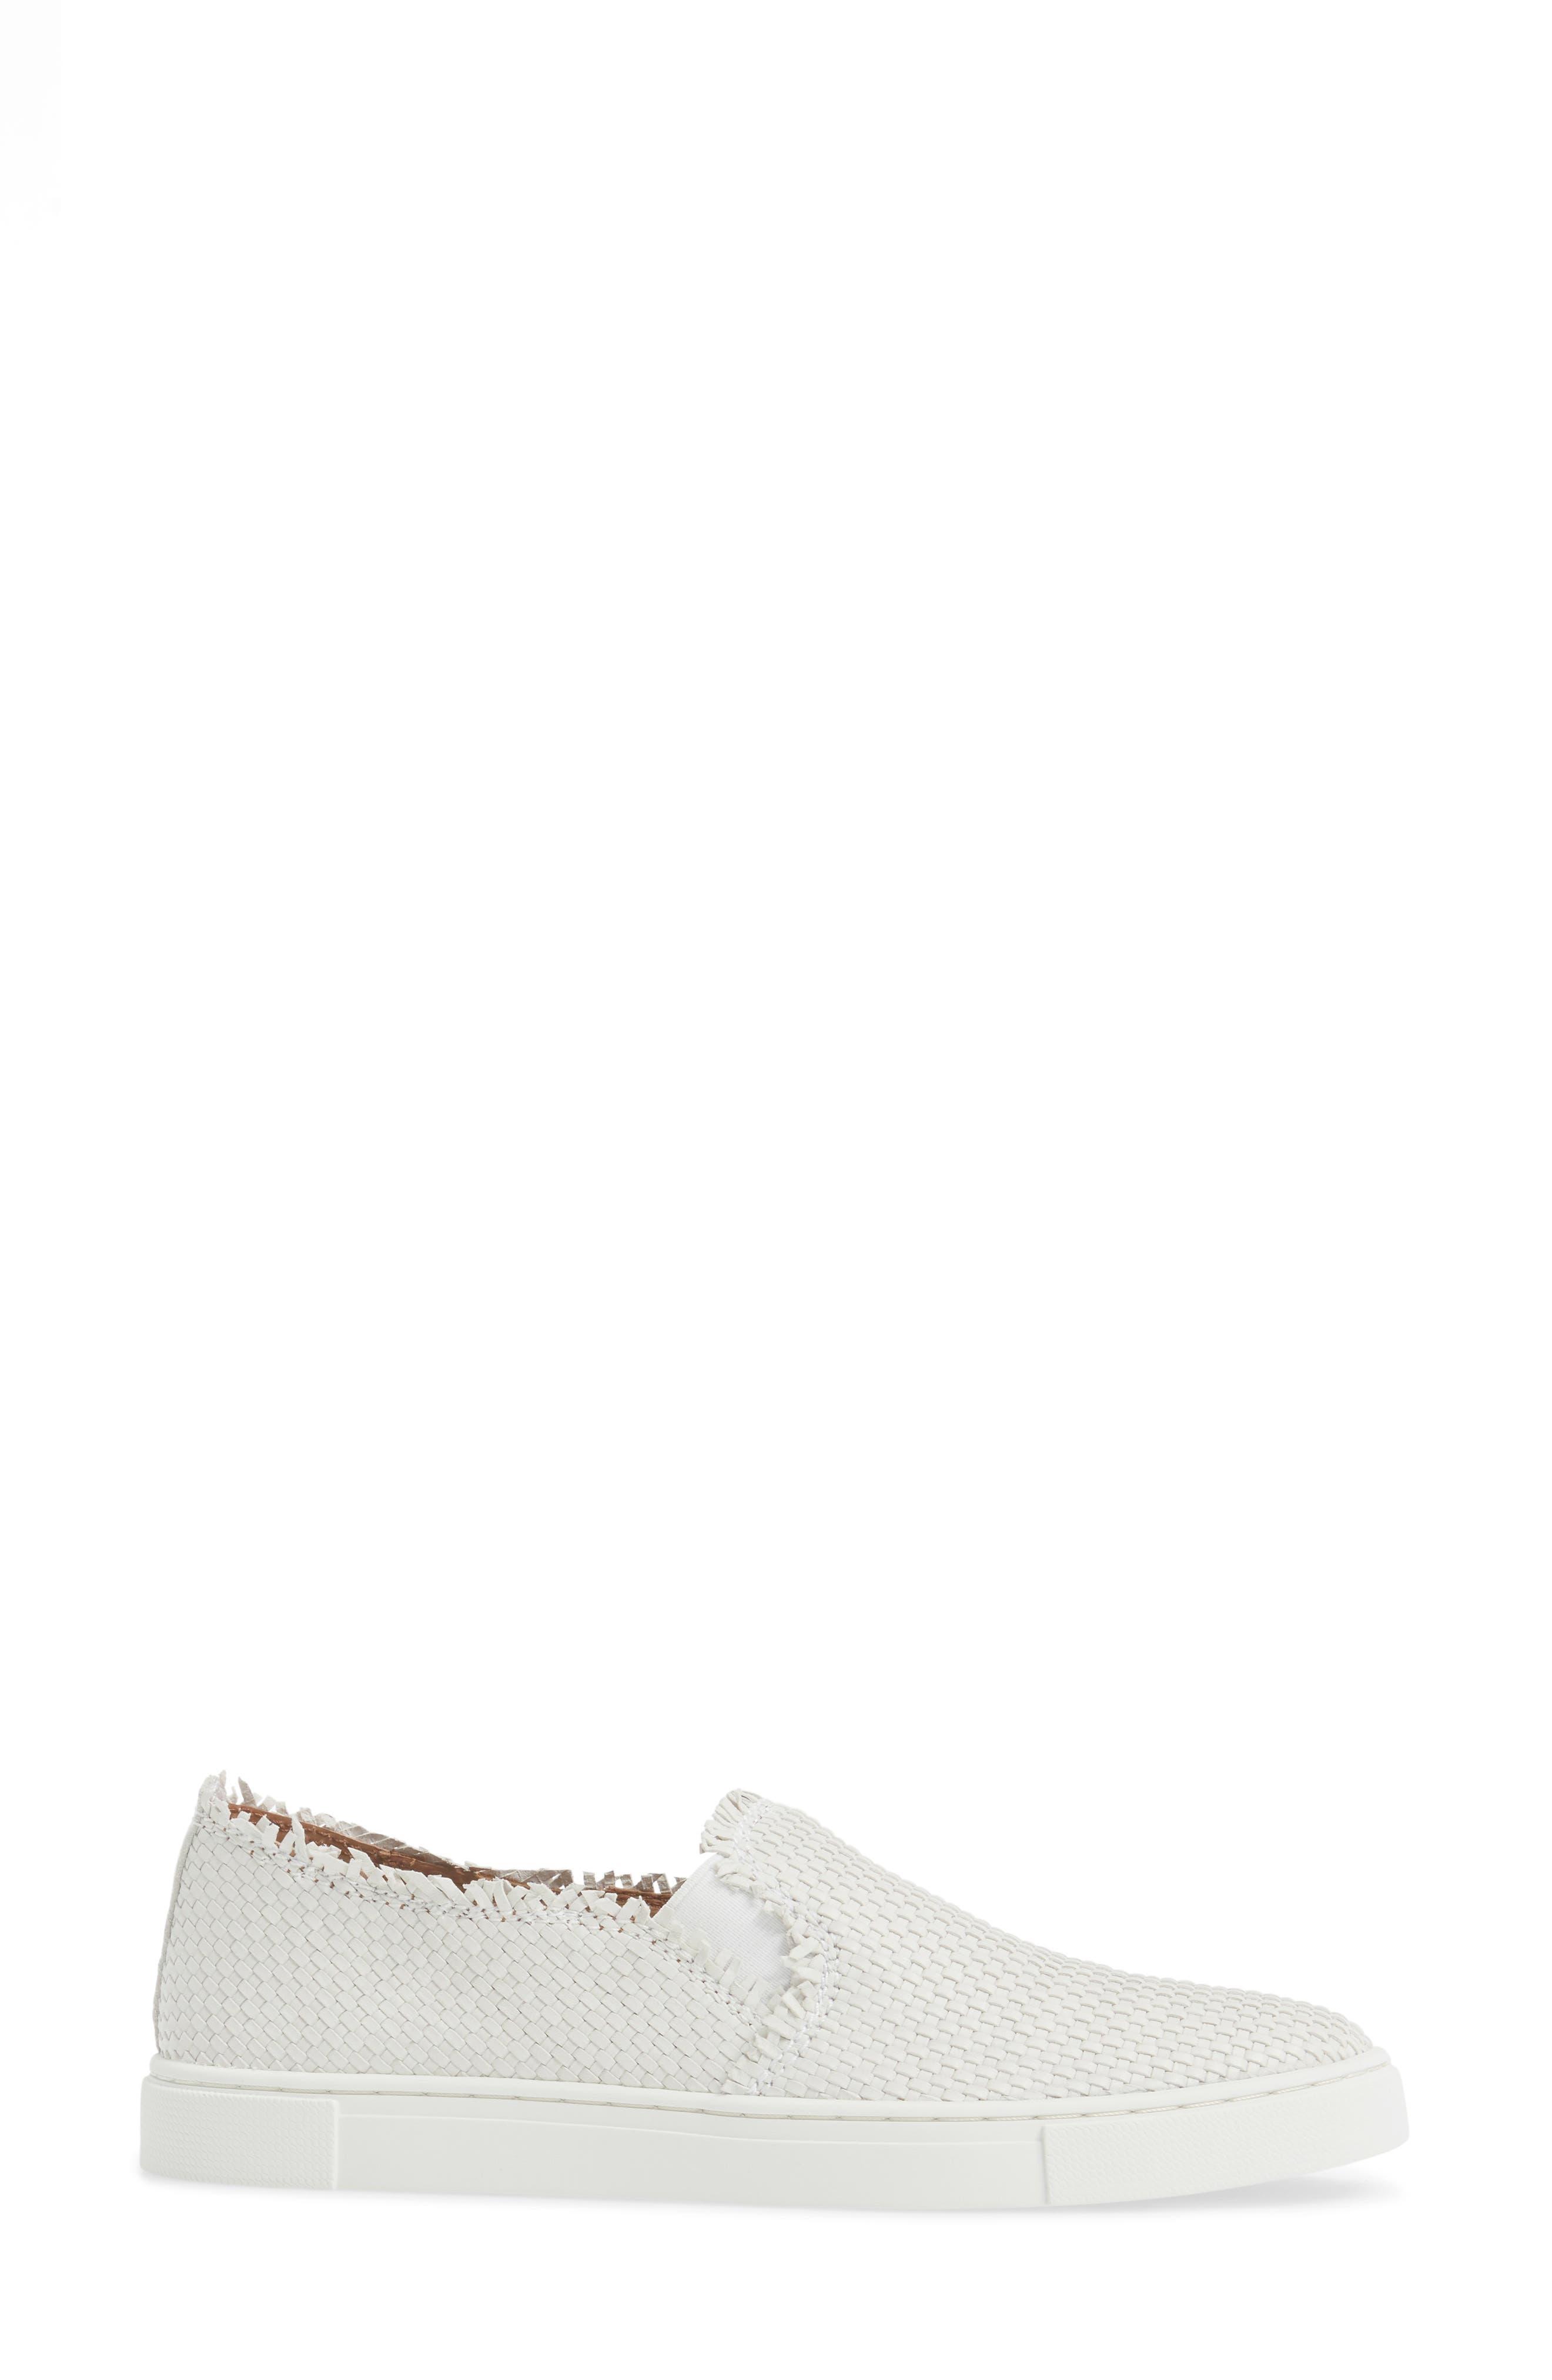 Alternate Image 3  - Frye Ivy Fray Woven Slip-On Sneaker (Women)